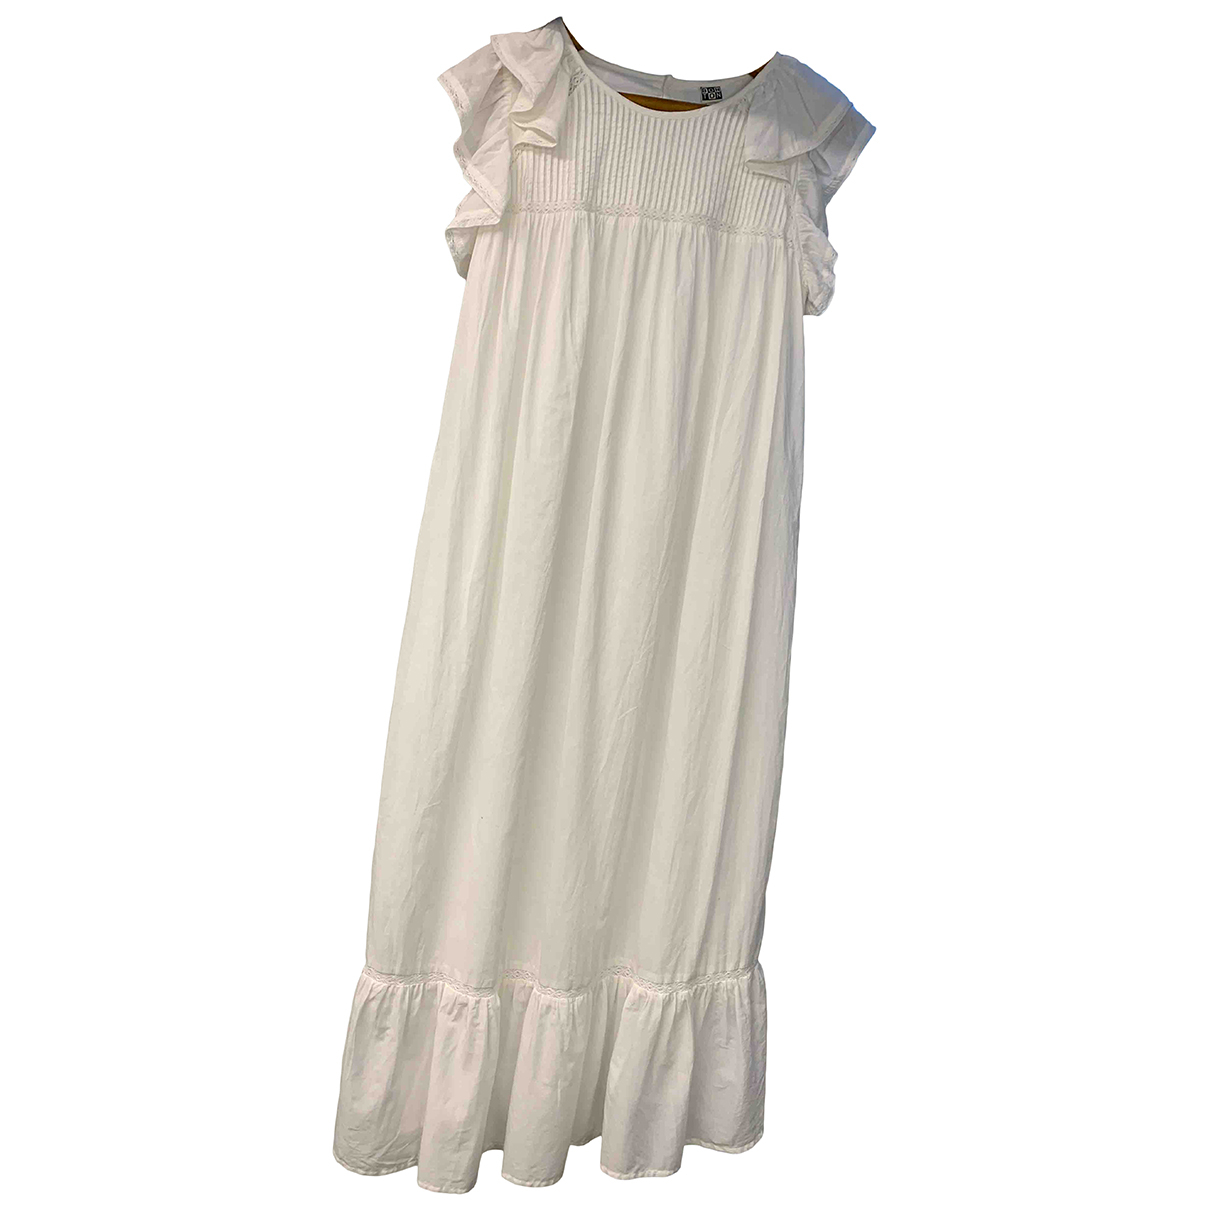 Bonton \N Kleid in  Weiss Baumwolle